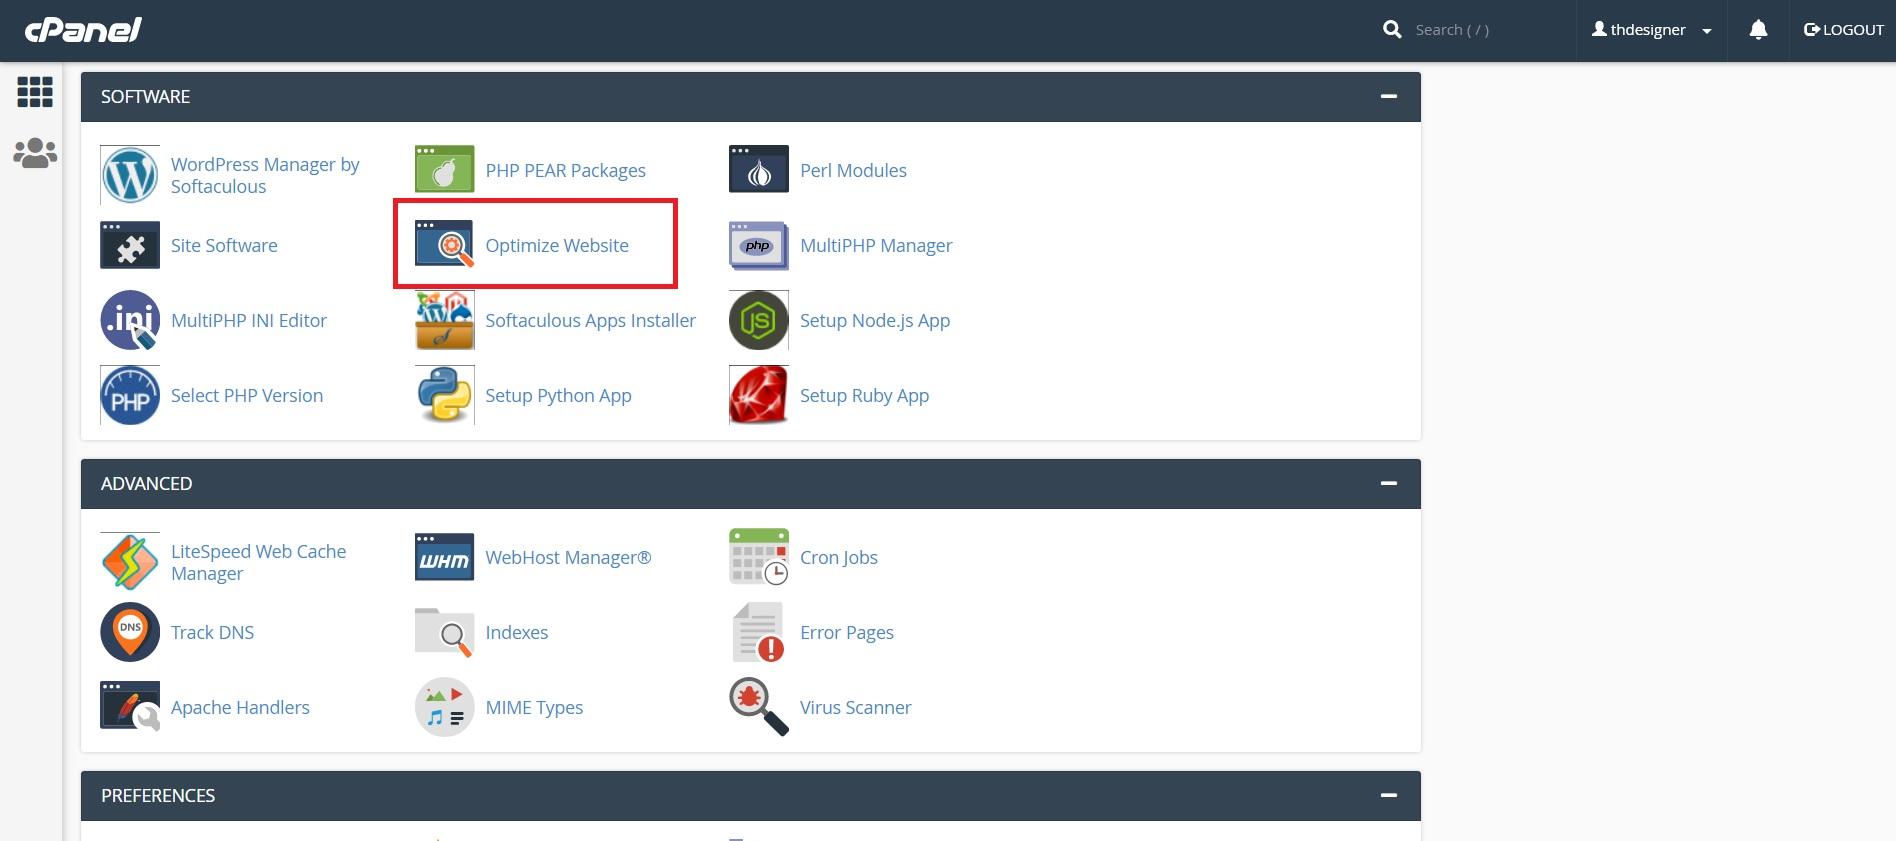 آموزش بهینه سازی سایت در سی پنل